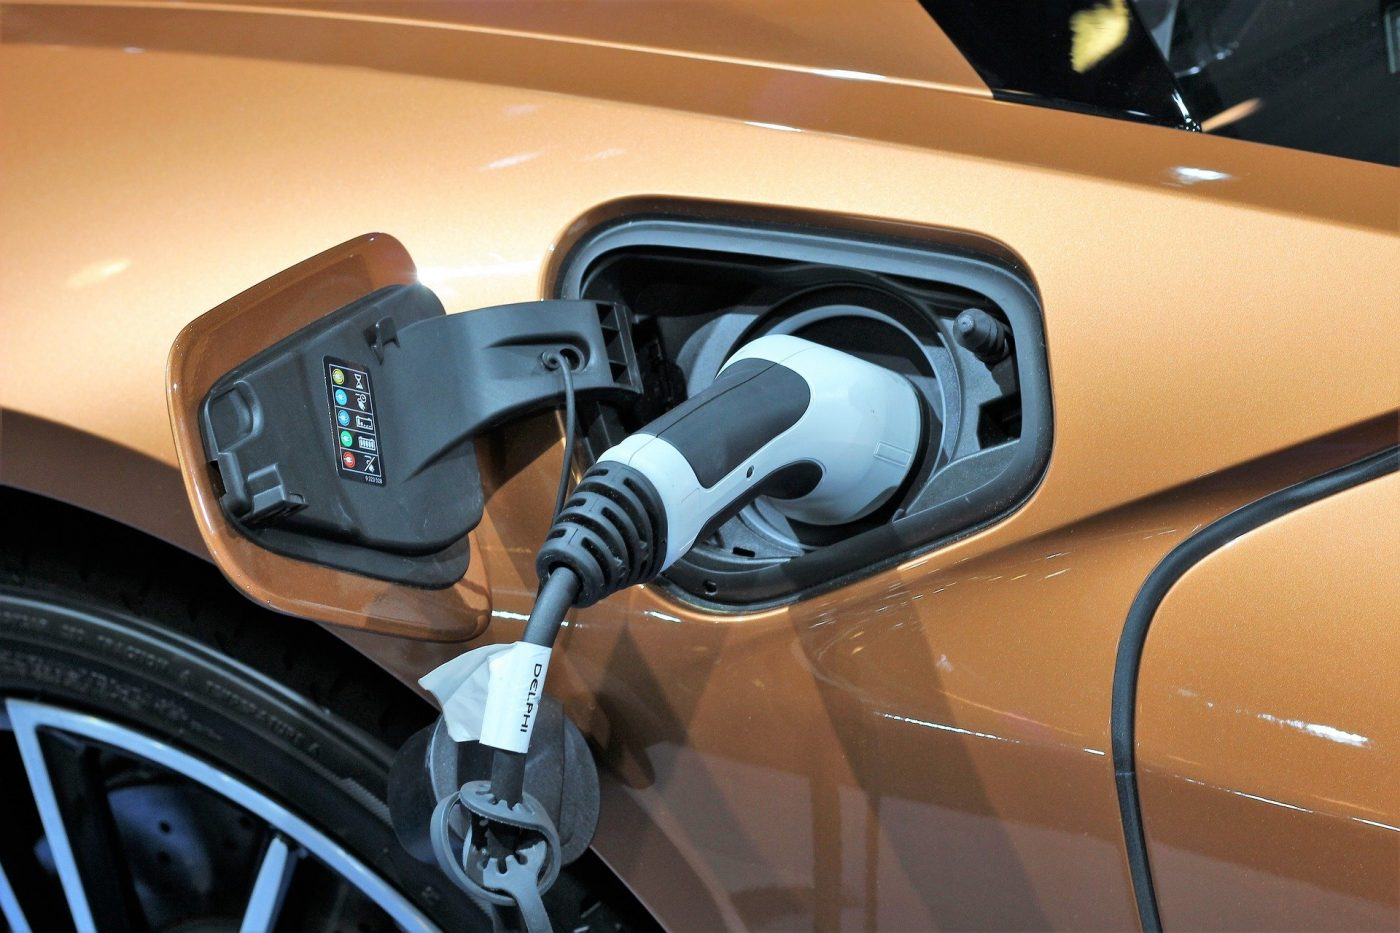 La Rioja recibirá casi 2,7 millones de euros para ayudas en la compra de vehículos eléctricos 1